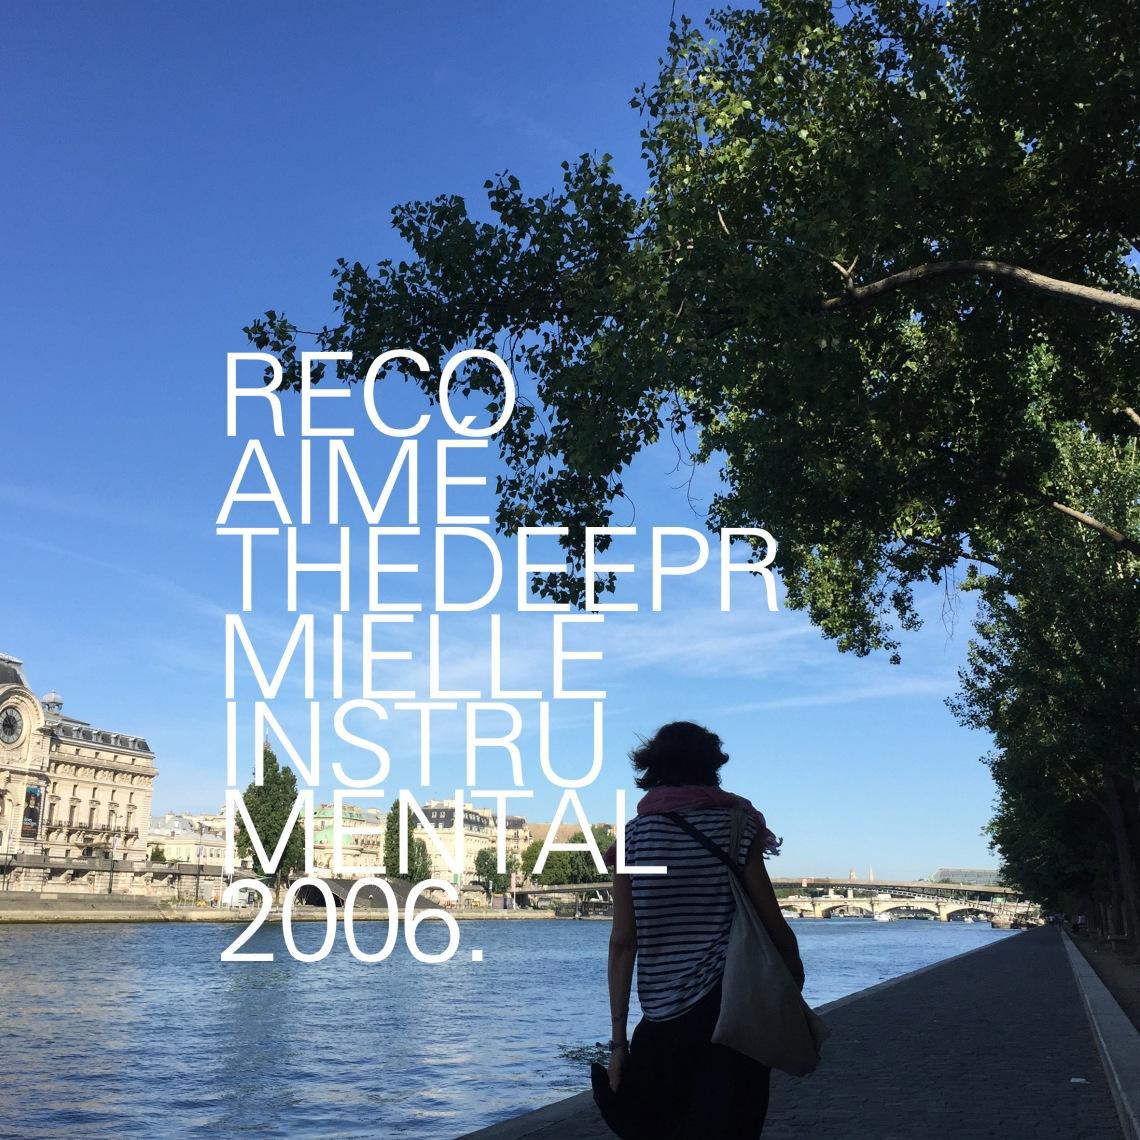 RECO.jpg